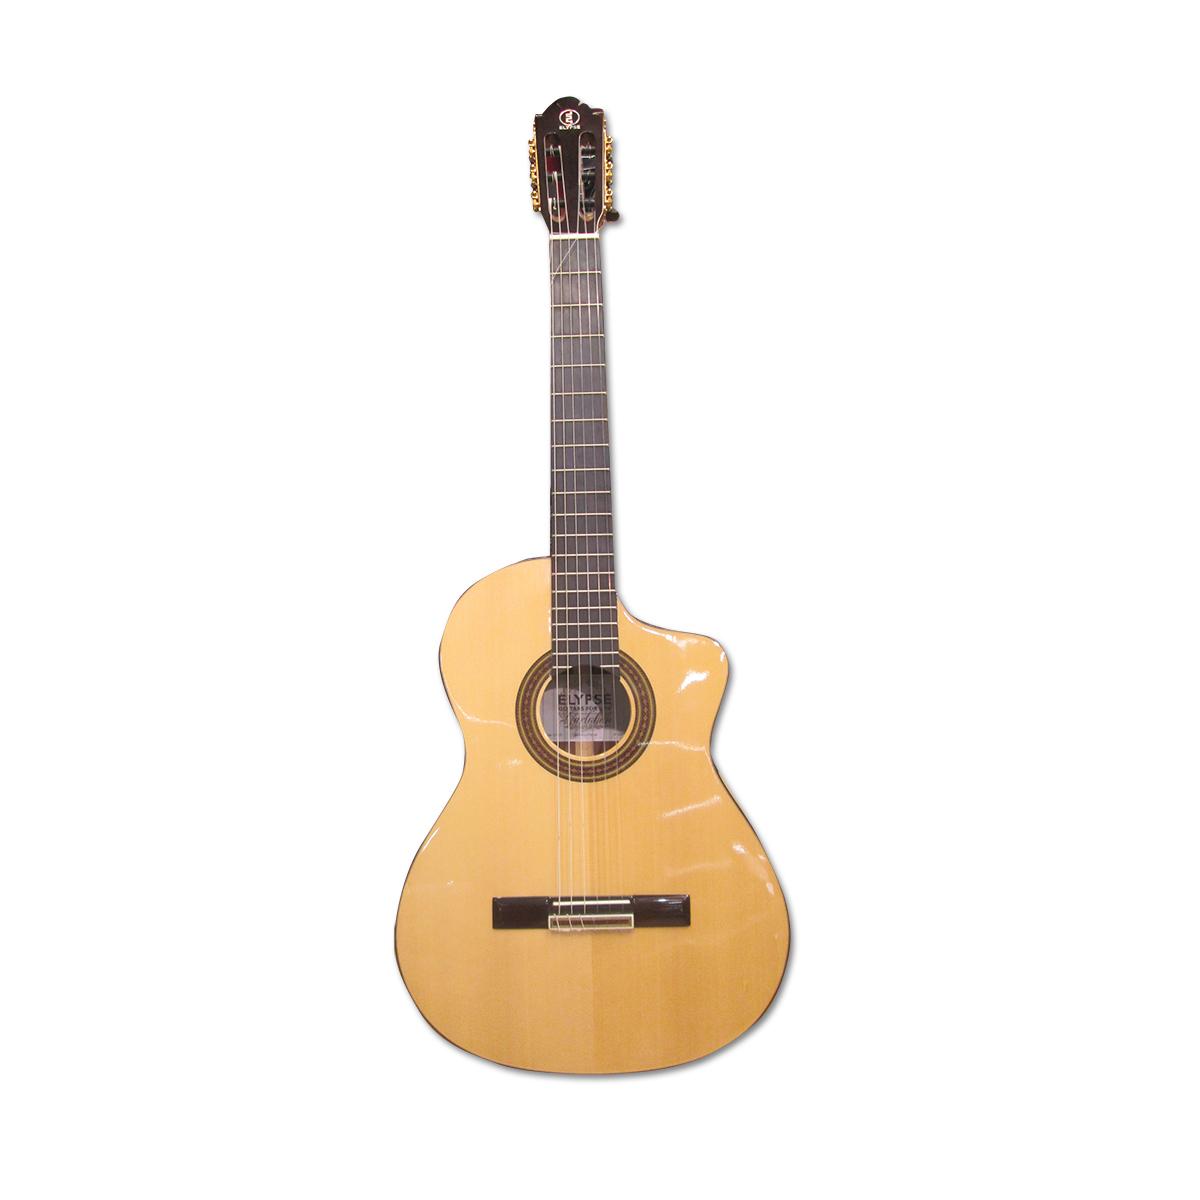 Elypse - Guitare classique électro-acoustique Garlaban Naturelle